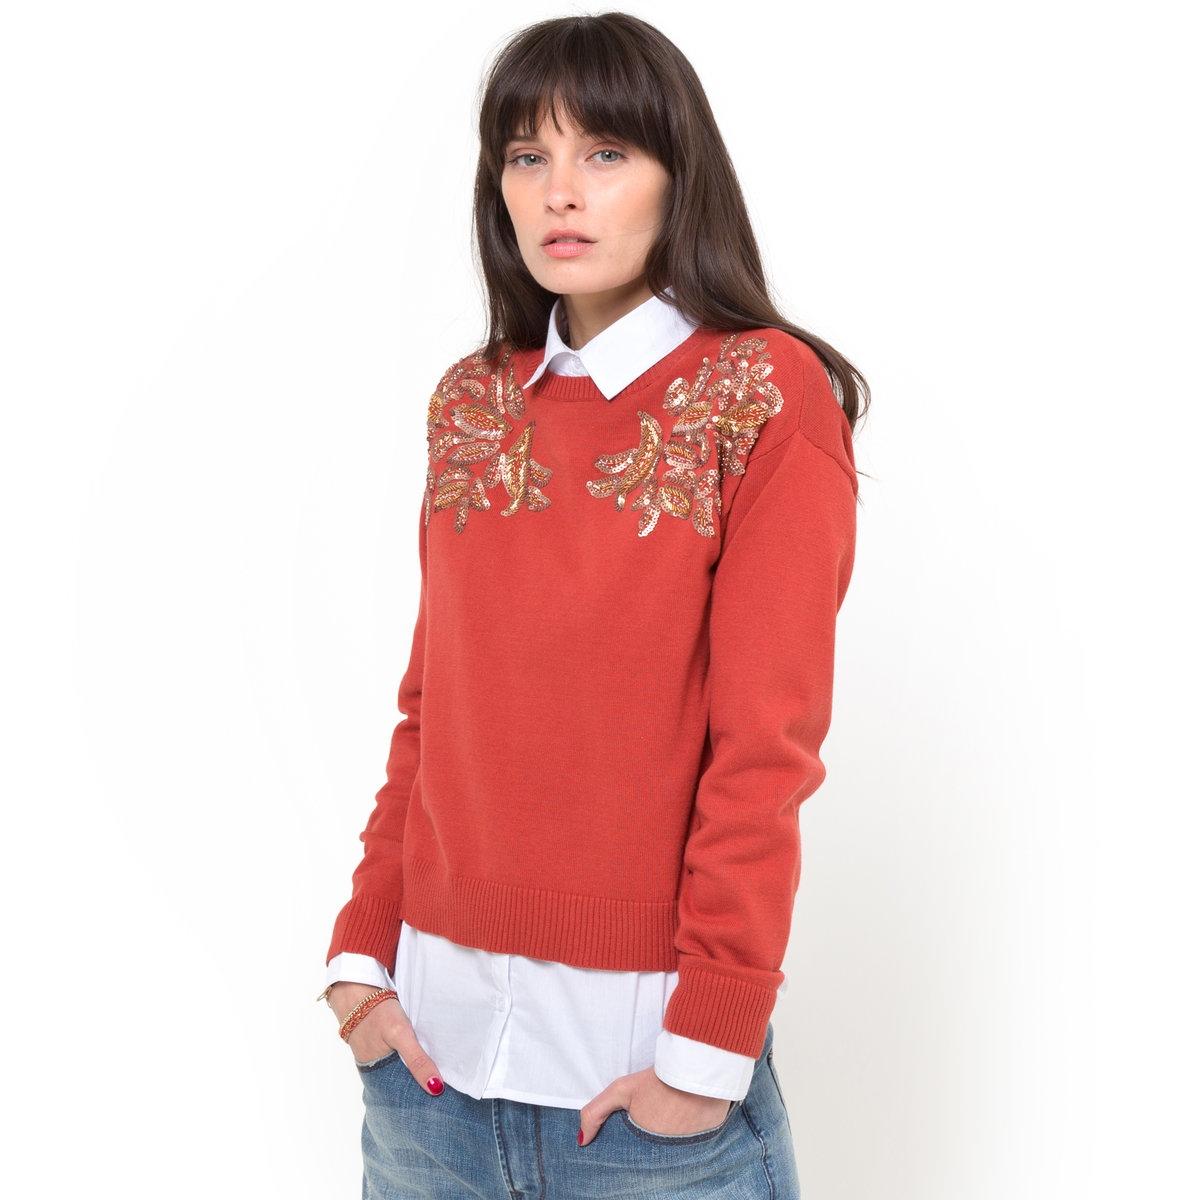 цены на Пуловер с пайетками в интернет-магазинах